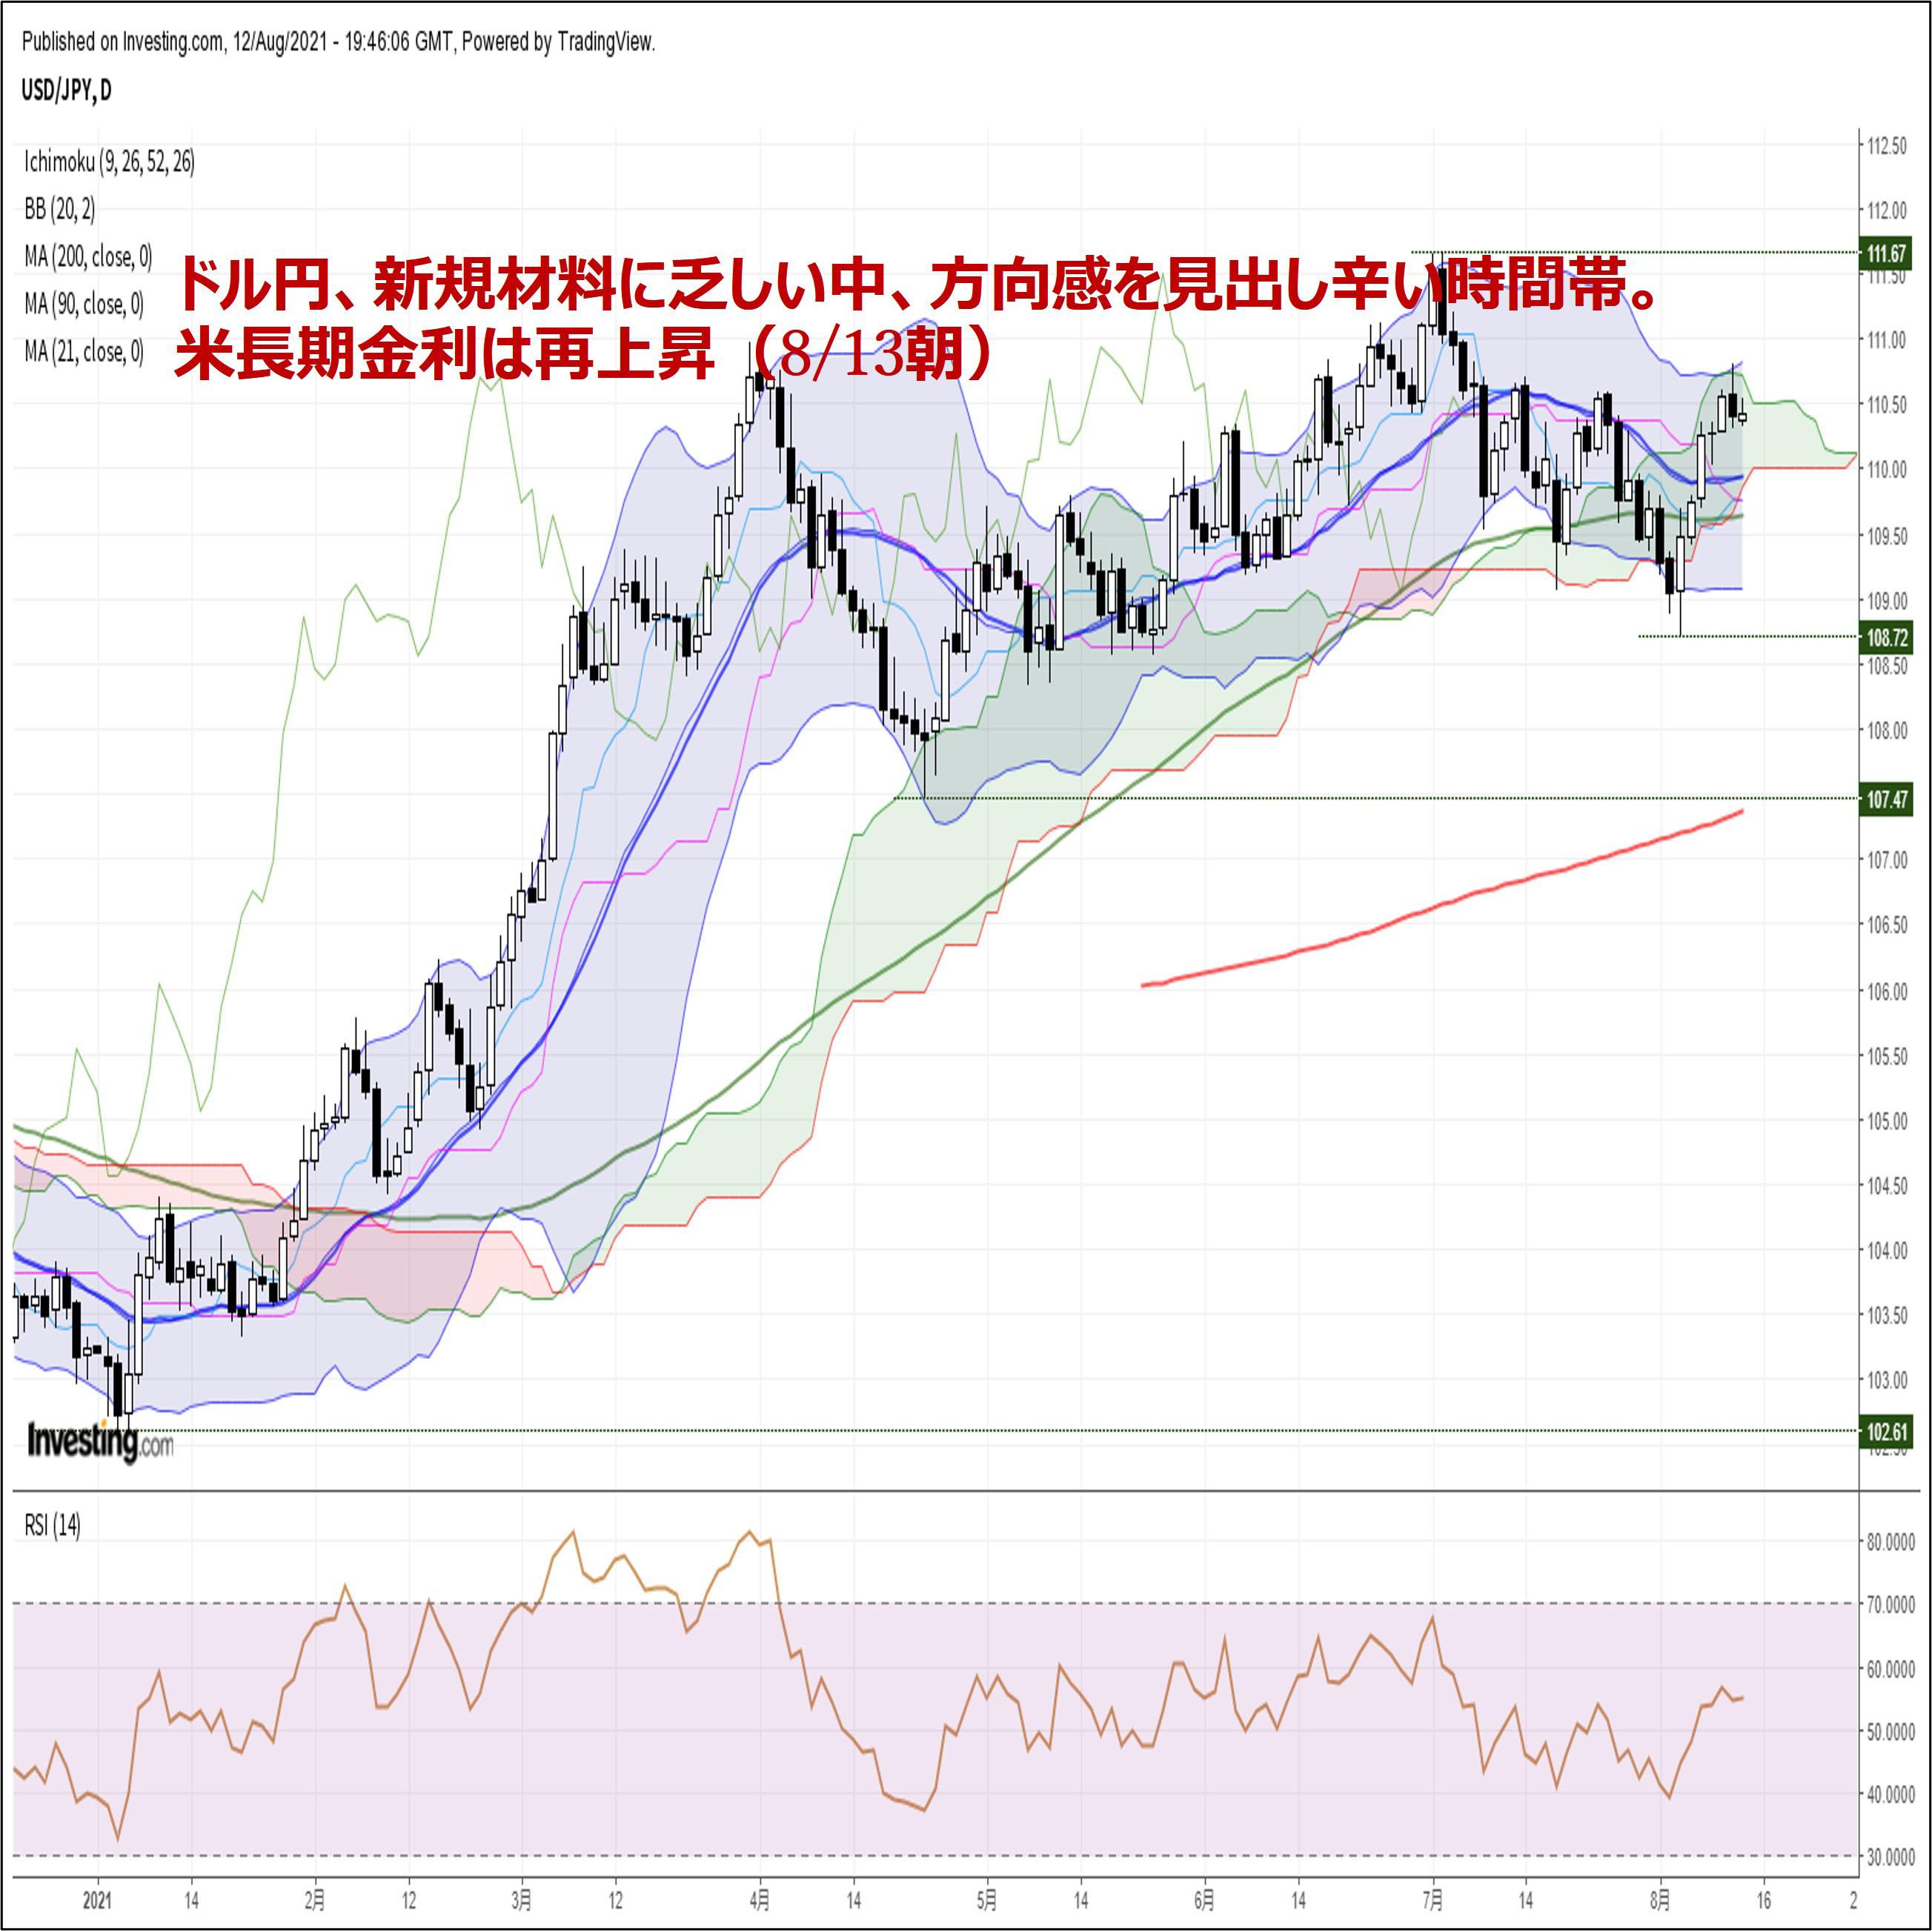 ドル円、新規材料に乏しい中、方向感を見出し辛い時間帯。米長期金利は再上昇(8/13朝)